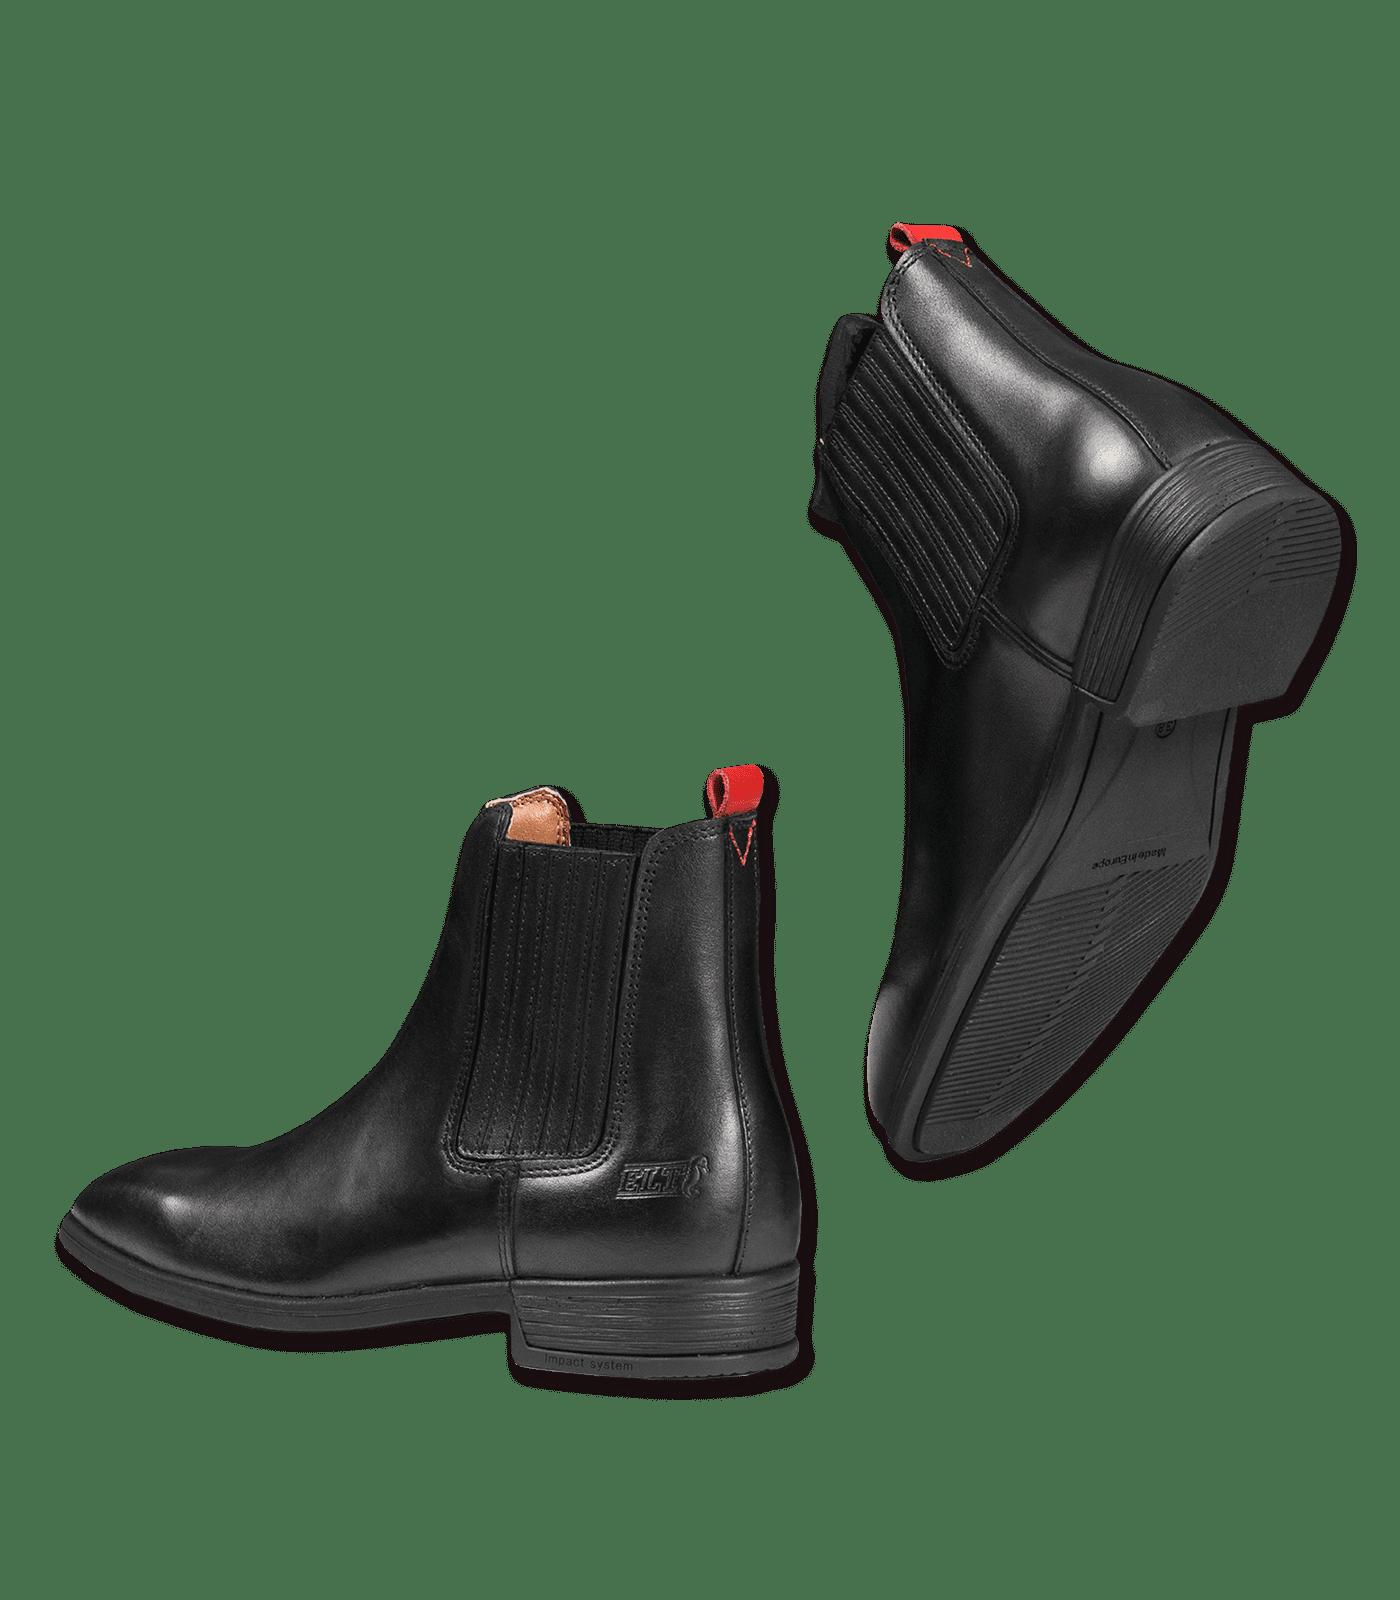 a8573469d Paris Flex Jodhpur topánky | Jazdecké potreby El Thoro